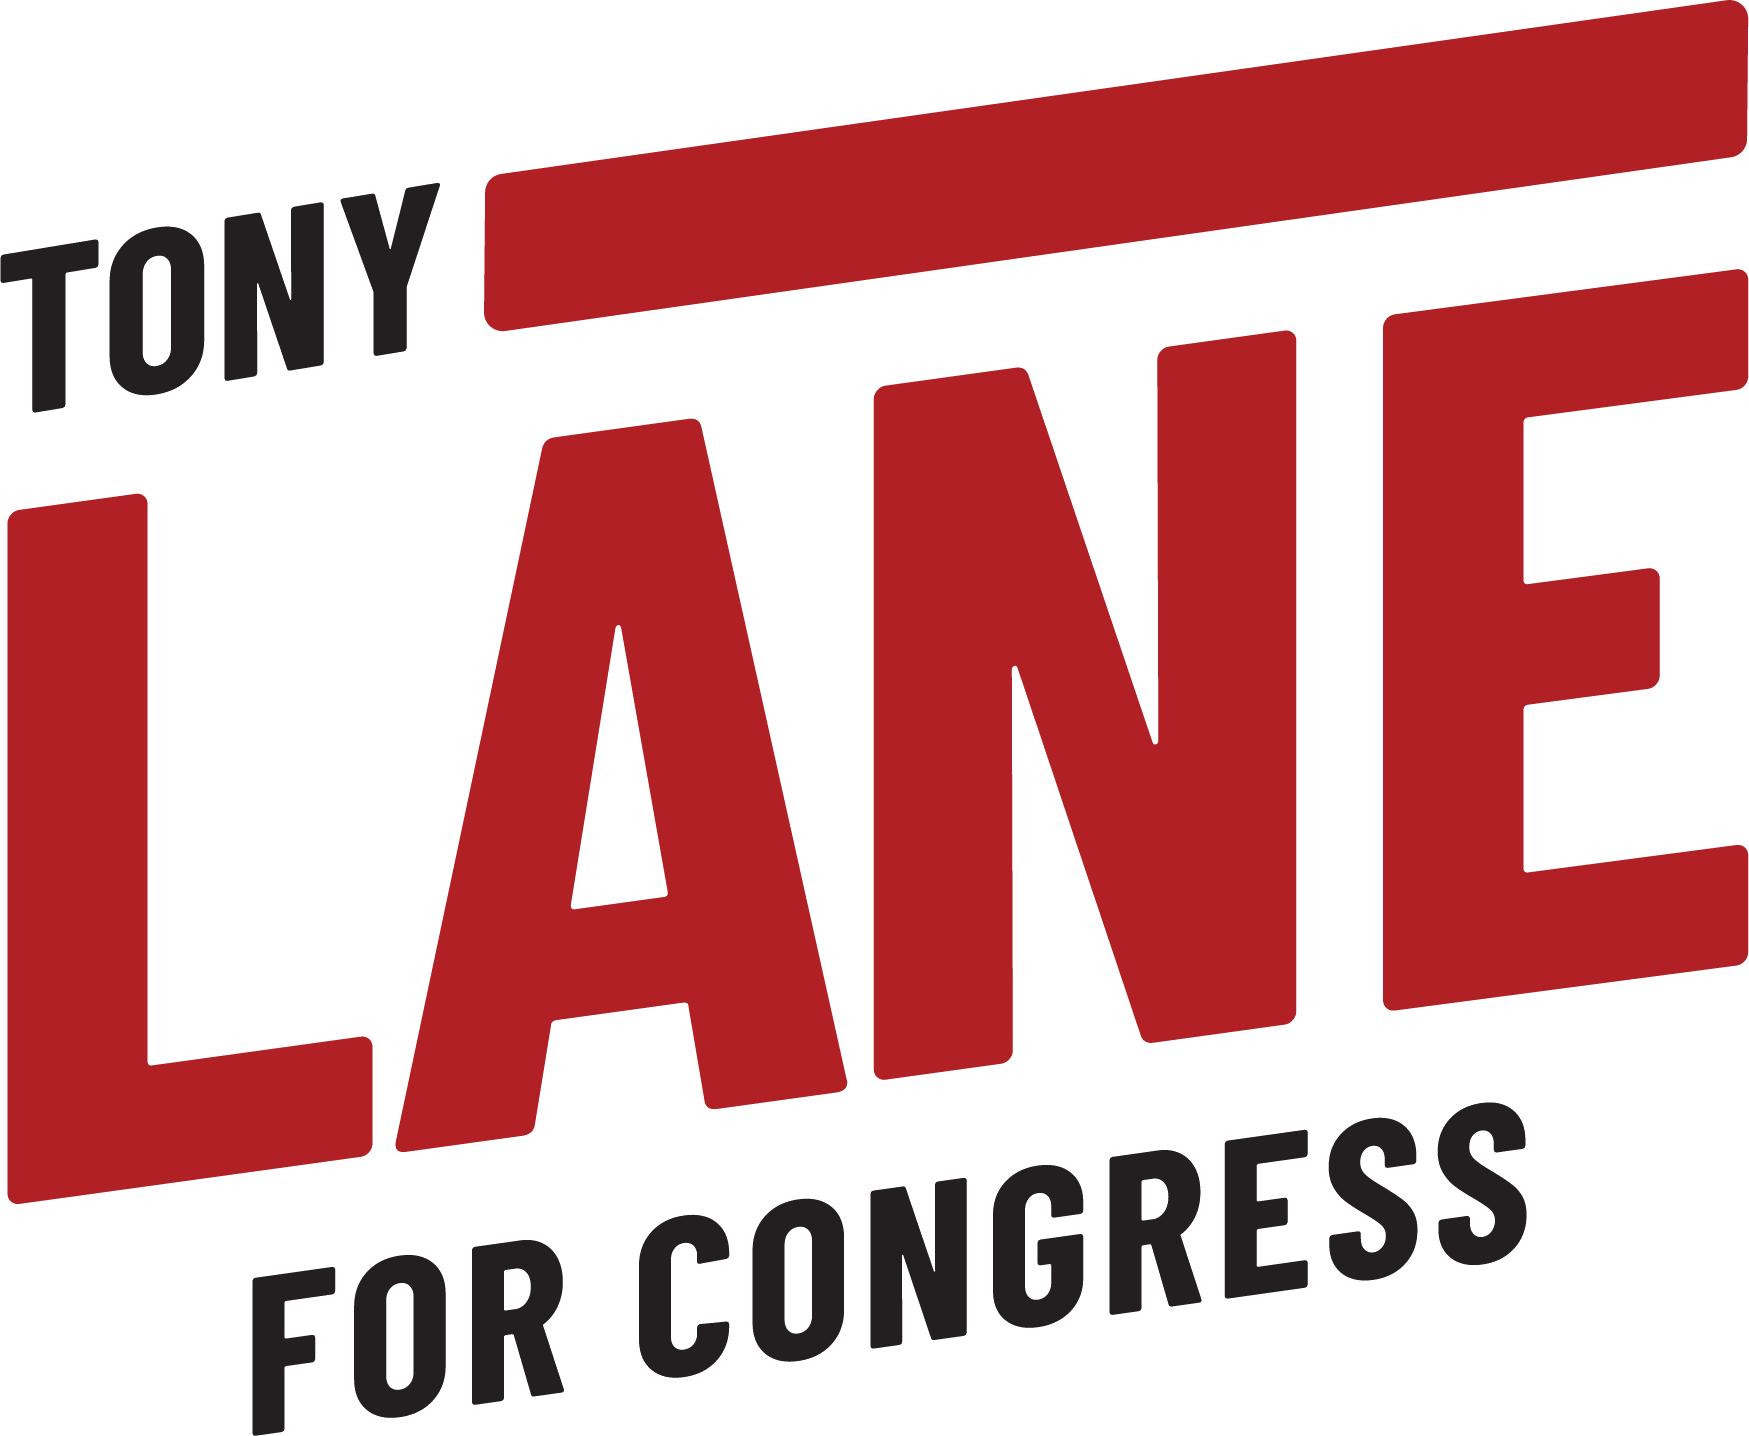 Lane logo final